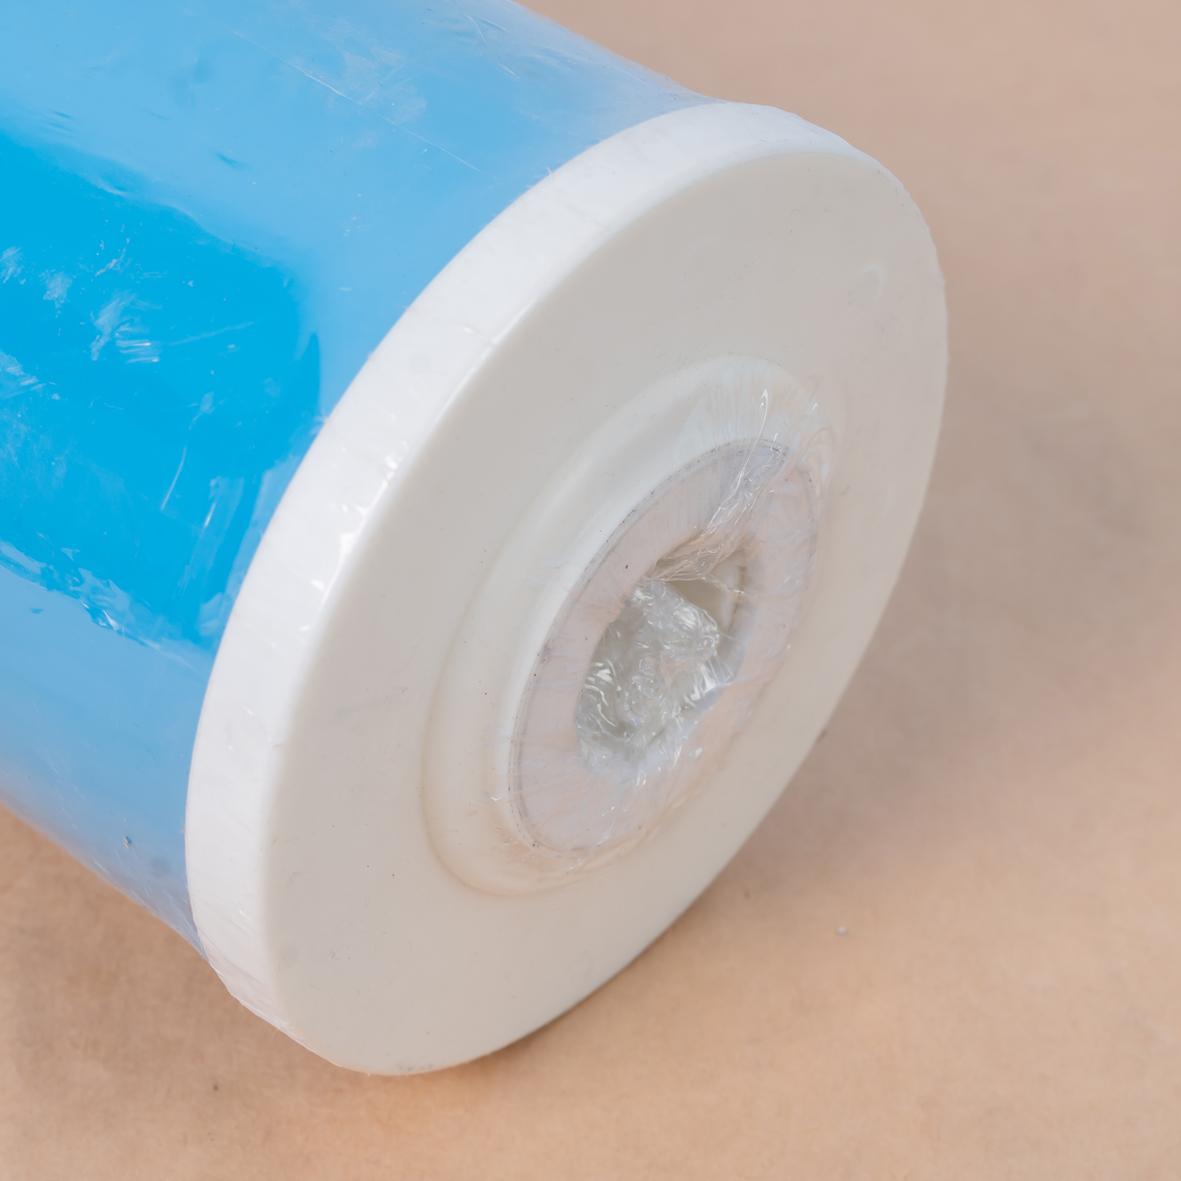 Lõi lọc nước số 2  - GAC FILTER 10 inch Bigblue (béo) Yamato